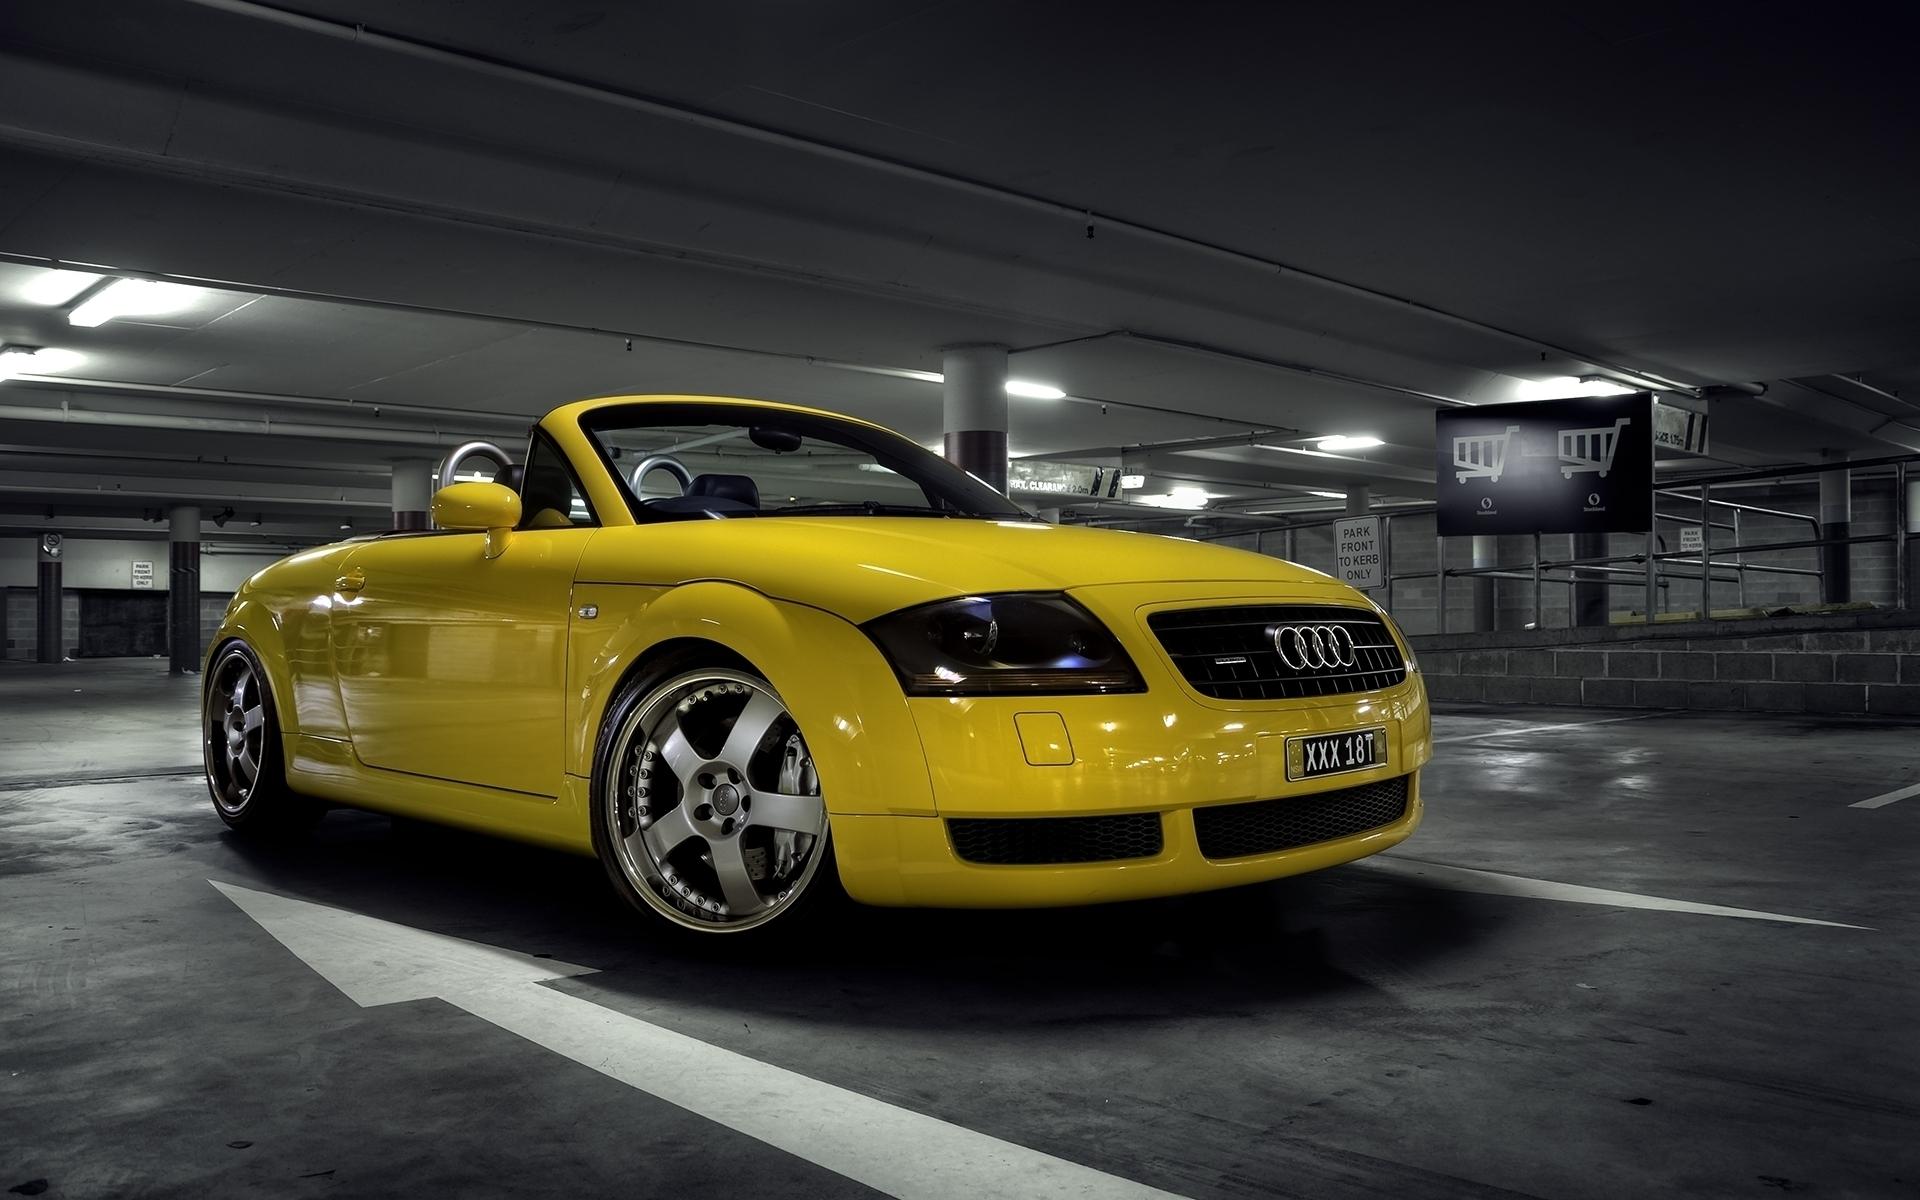 http://www.zastavki.com/pictures/1920x1200/2012/Auto_Audi_TT_Audi_TT_Roadster_033610_.jpg